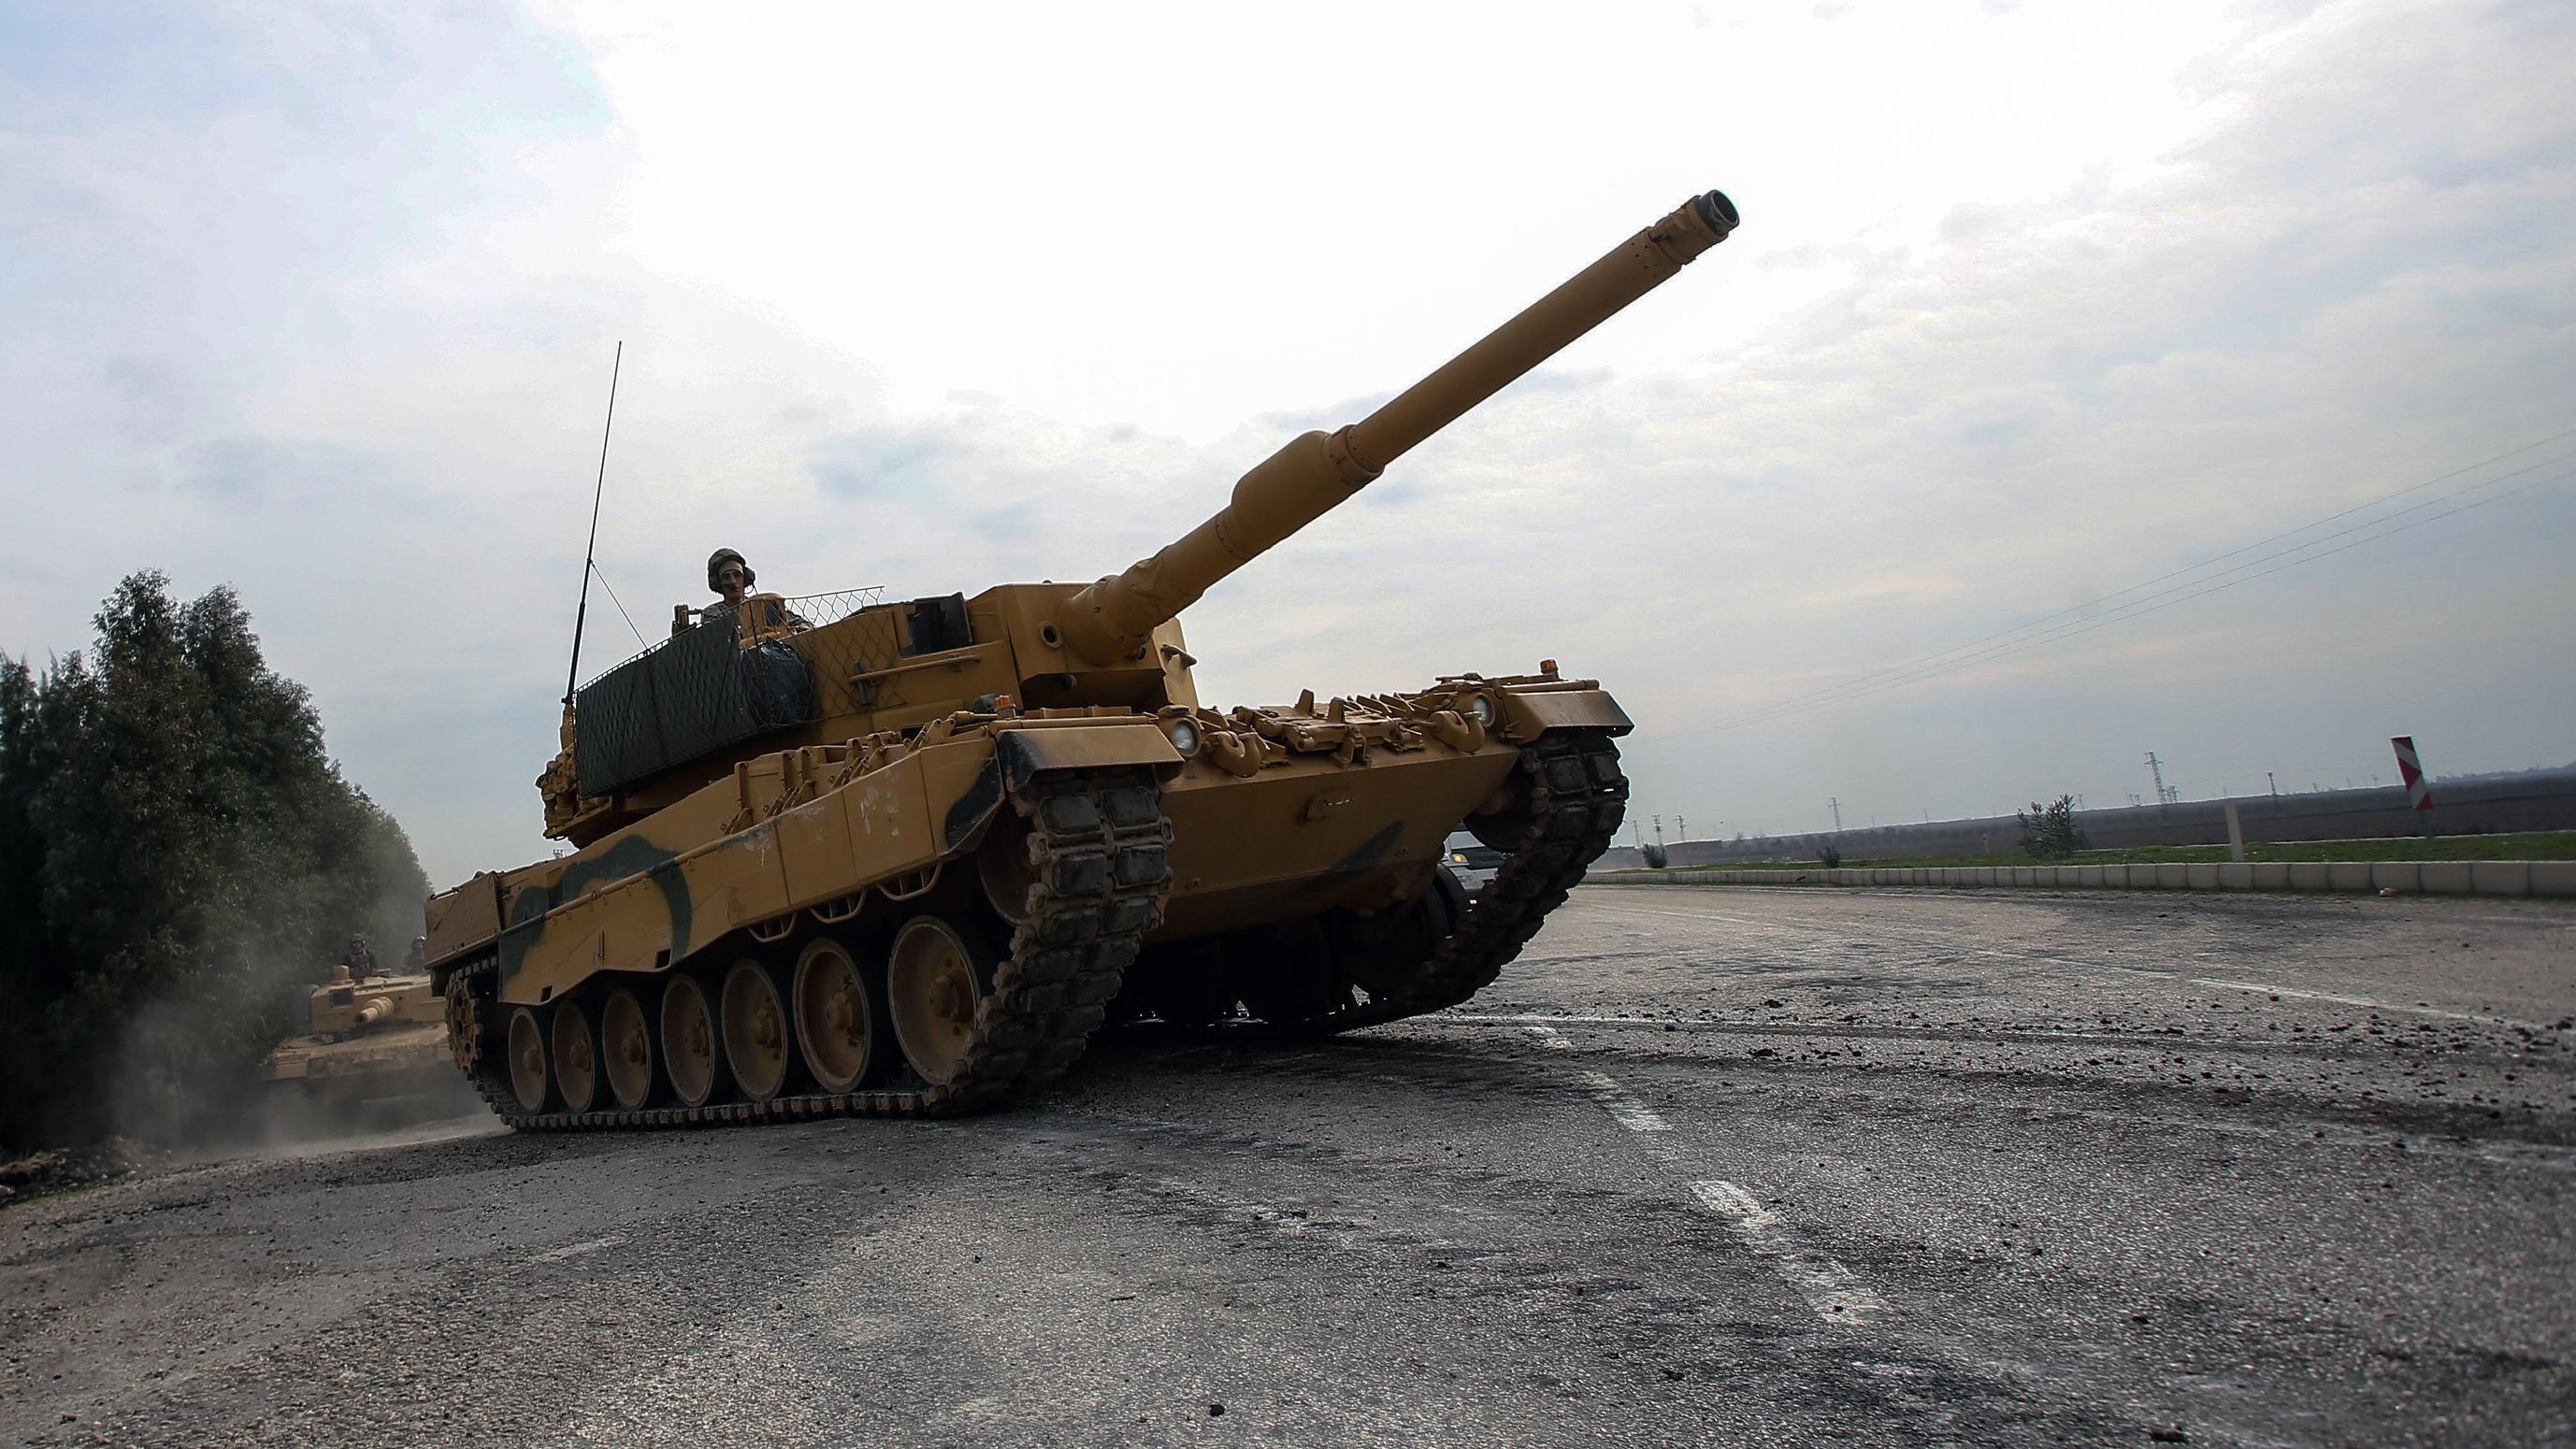 Ein deutscher Panzer Leopard 2A4 der türkischen Armee